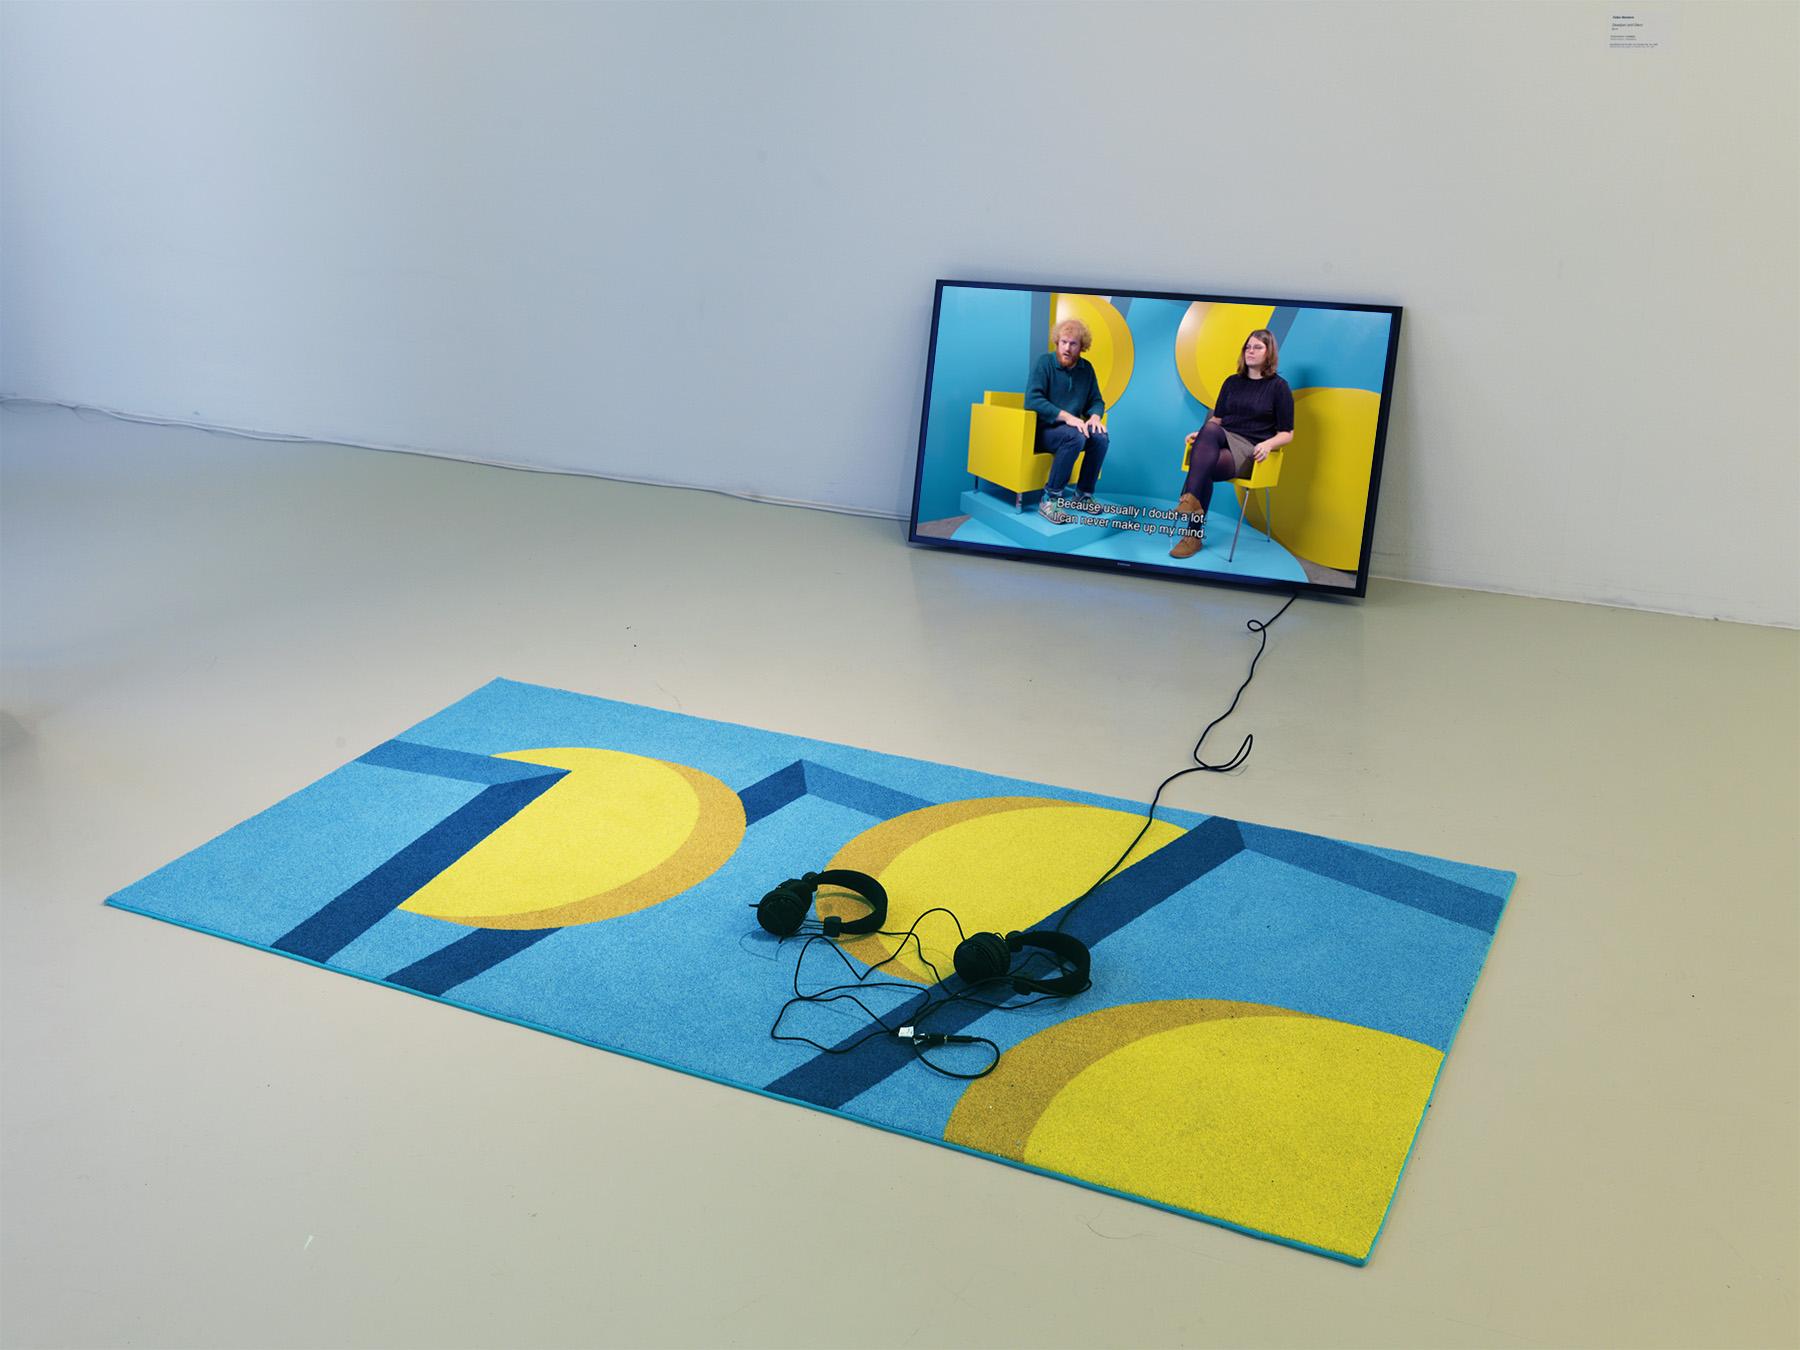 Exhibition view at Stedelijk Museum Schiedam | Foto by Tom Haartsen